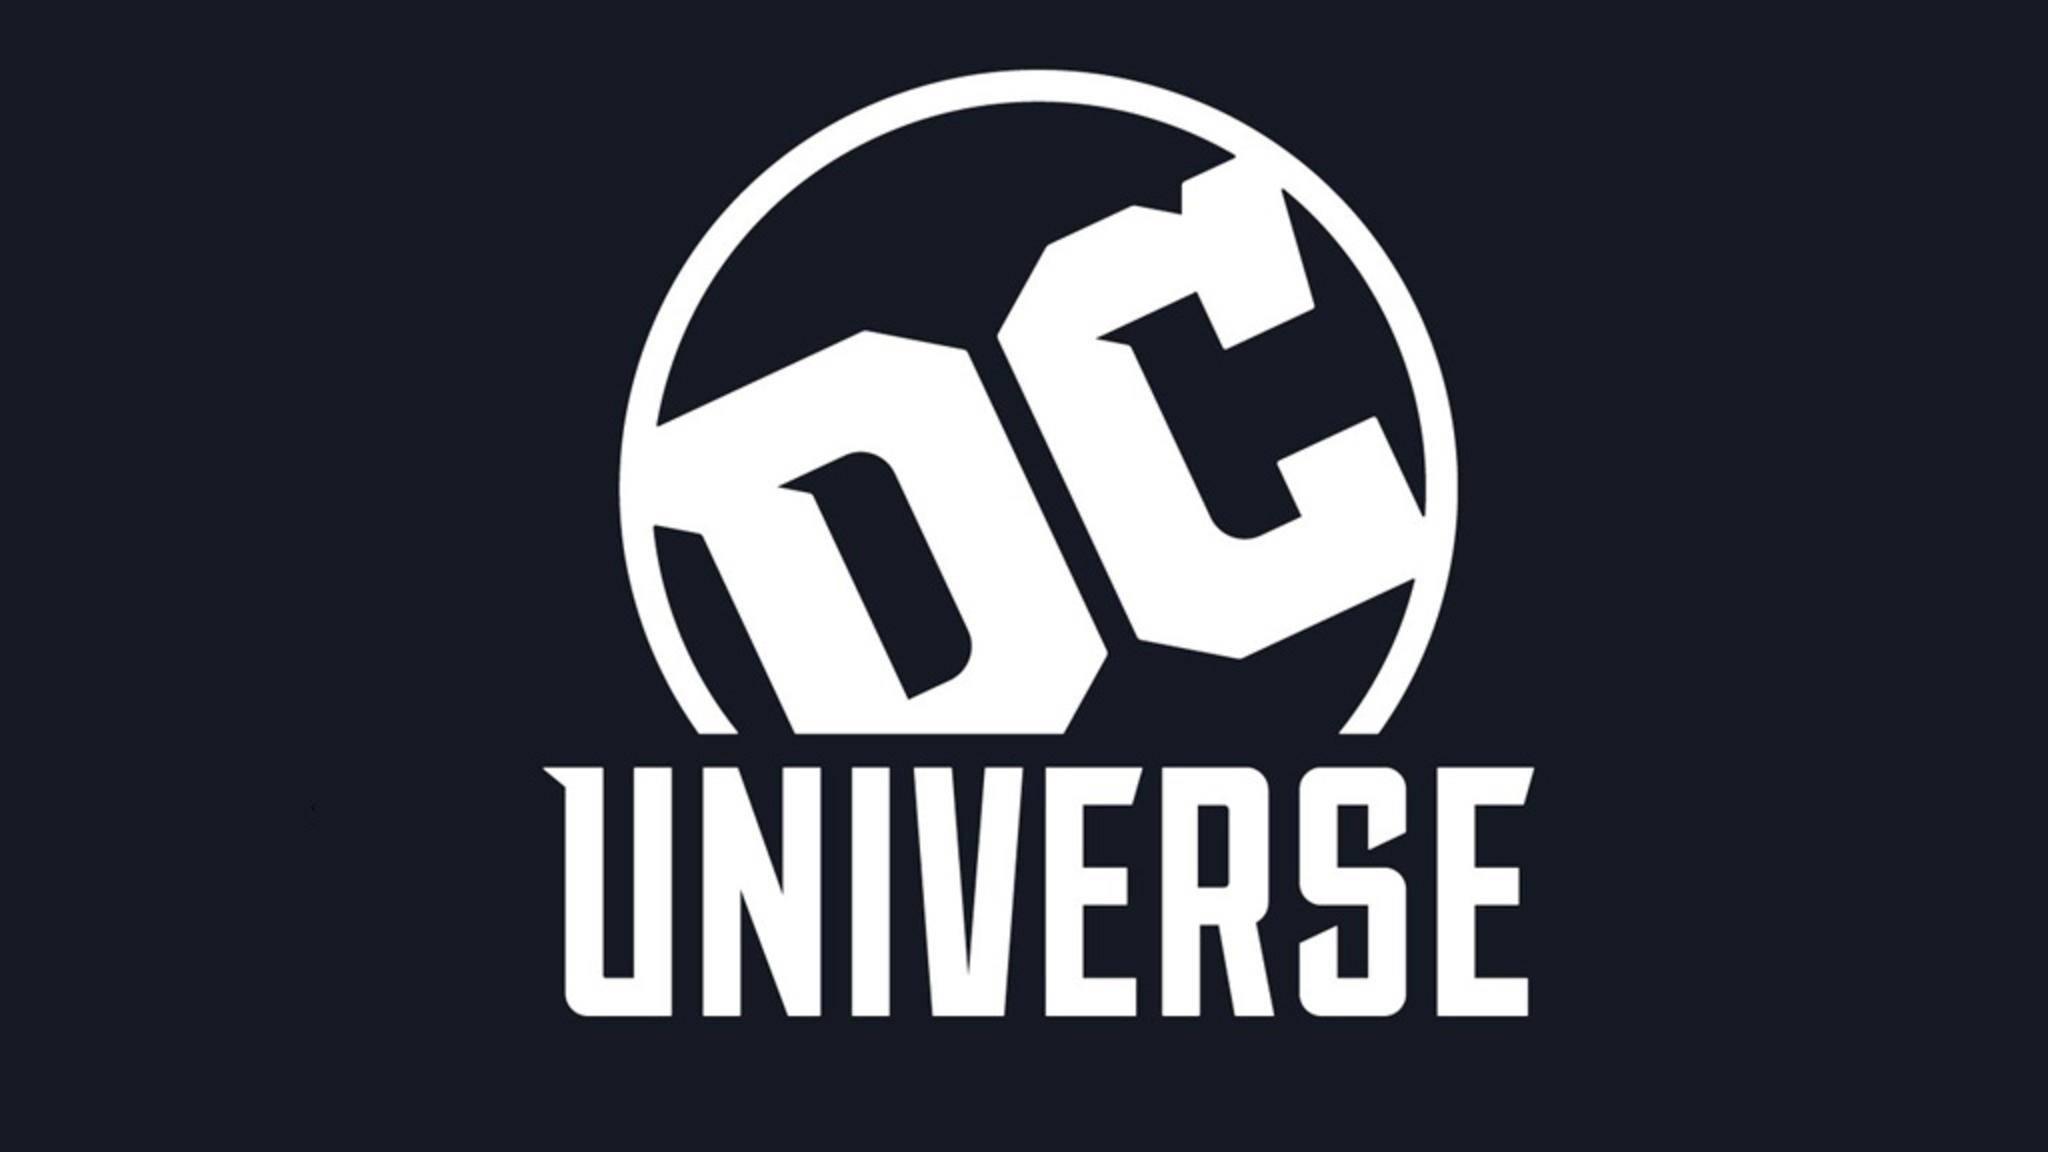 DC bringt mit DC Universe einen neuen Netflix-Konkurrenten auf den Streaming-Markt.